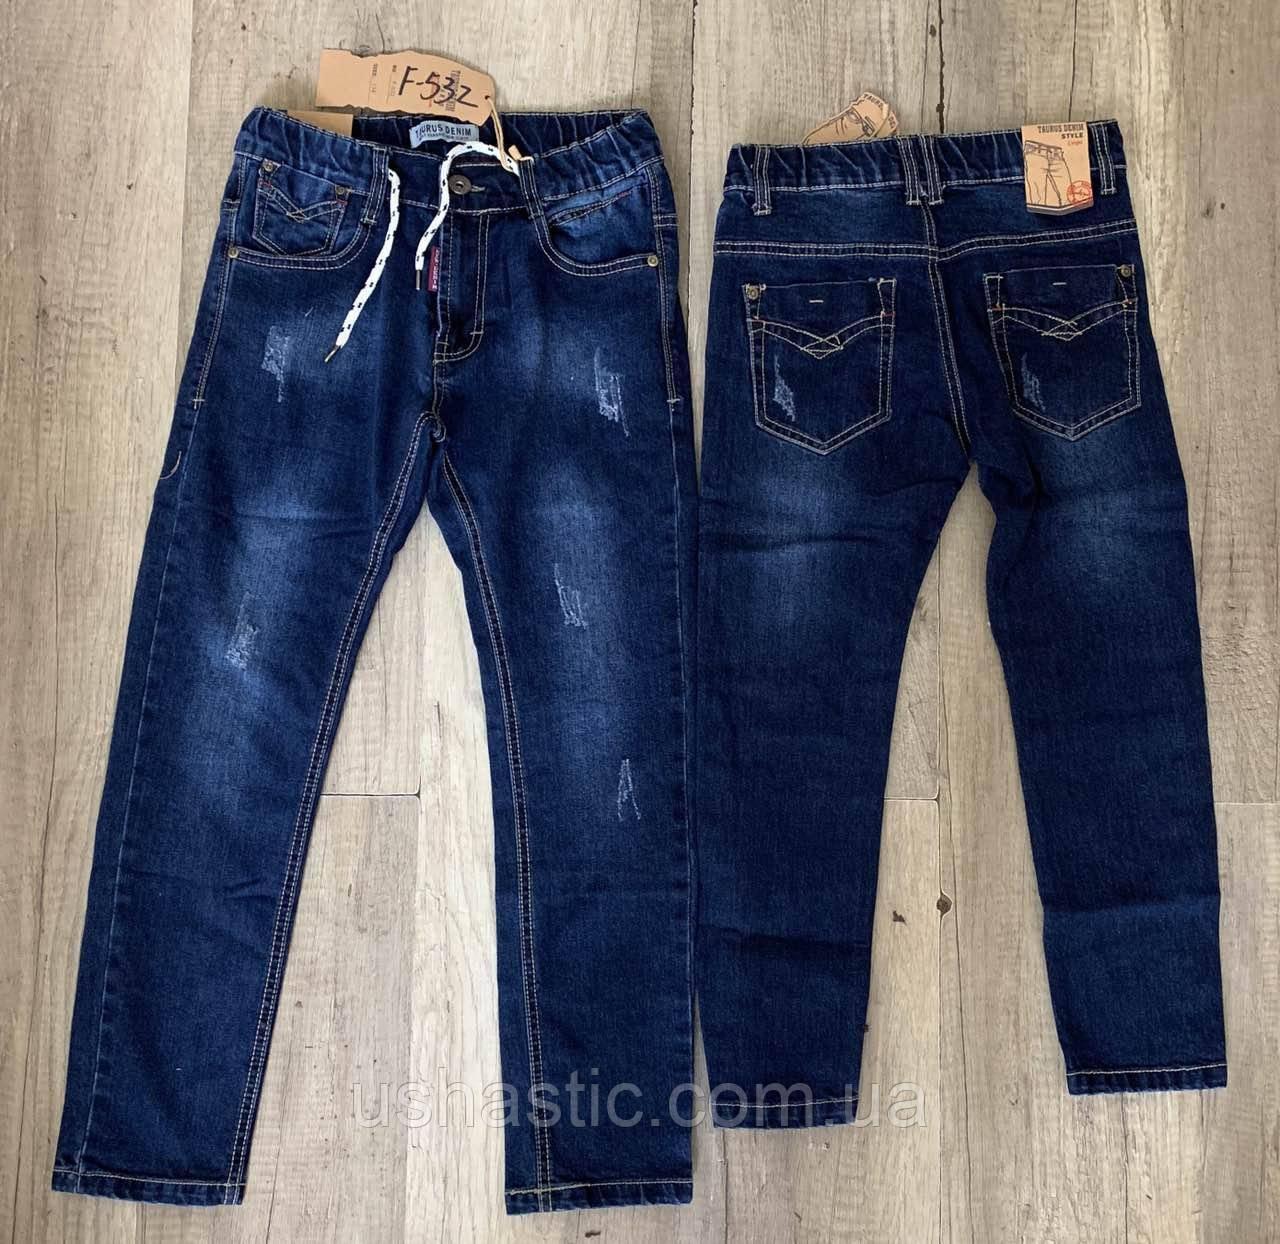 """Джинсовые брюки для мальчиков """"Taurus"""" на 6 лет (рост 116) (Венгрия)"""